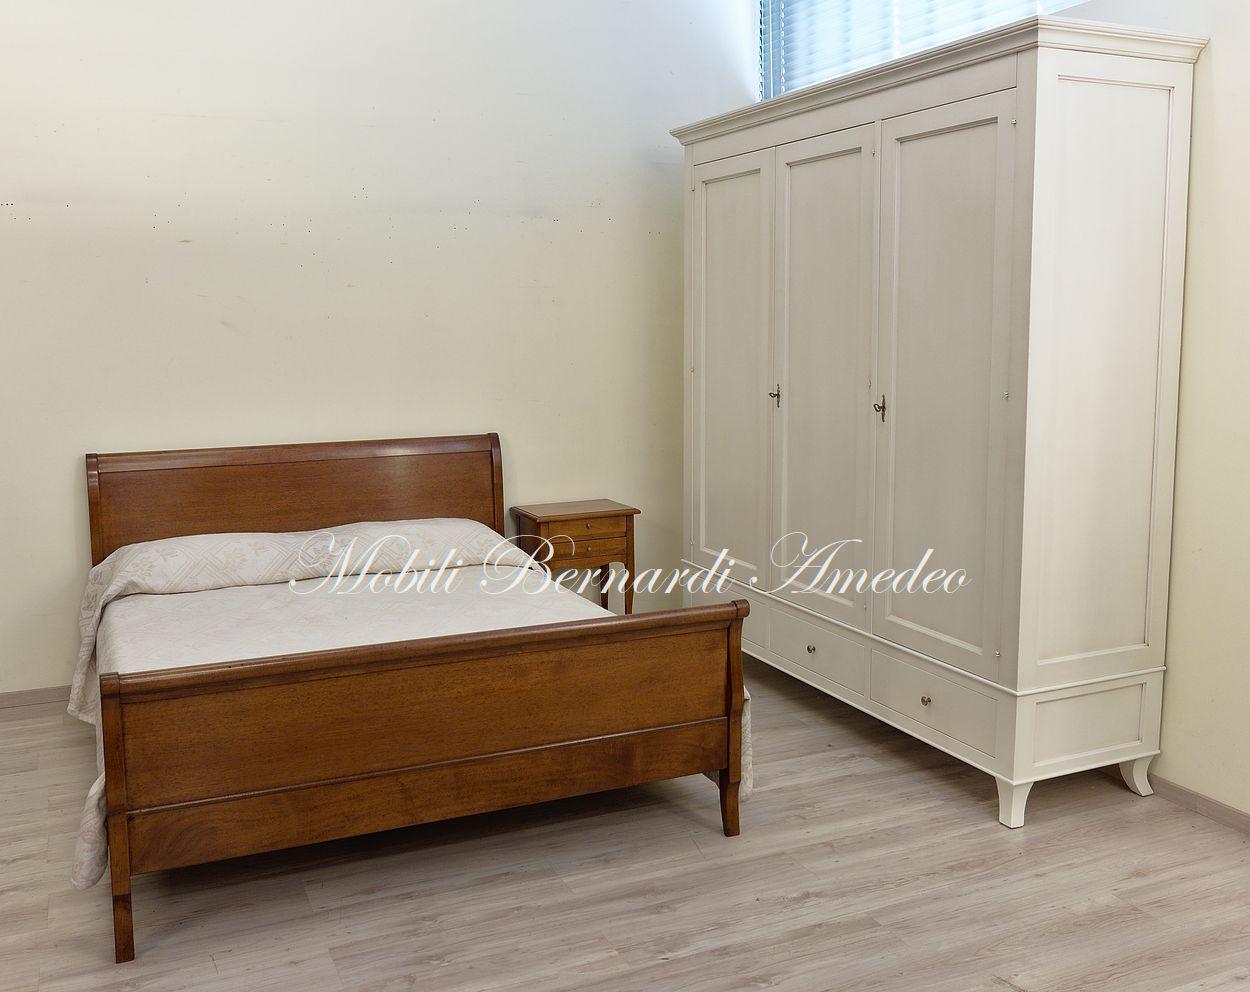 Letti In Legno Bianco : Camera da letto camere da letto bianco e legno camera da letto